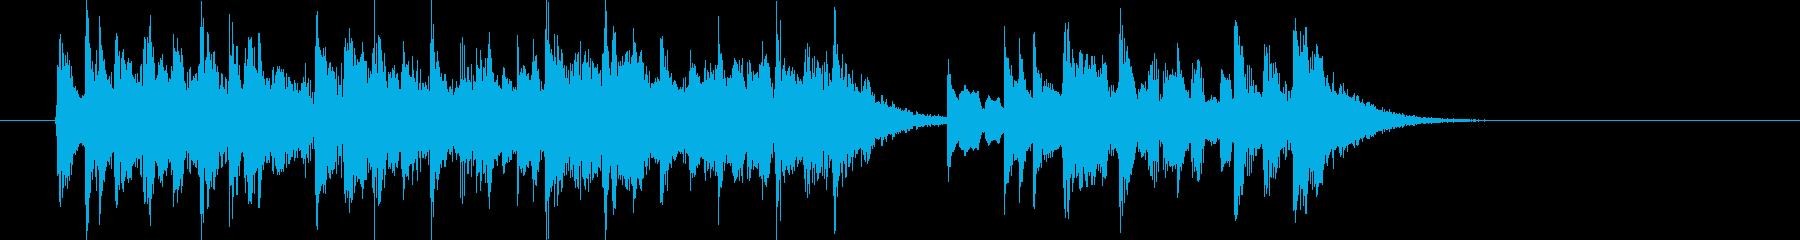 明るい別れのミュージックの再生済みの波形